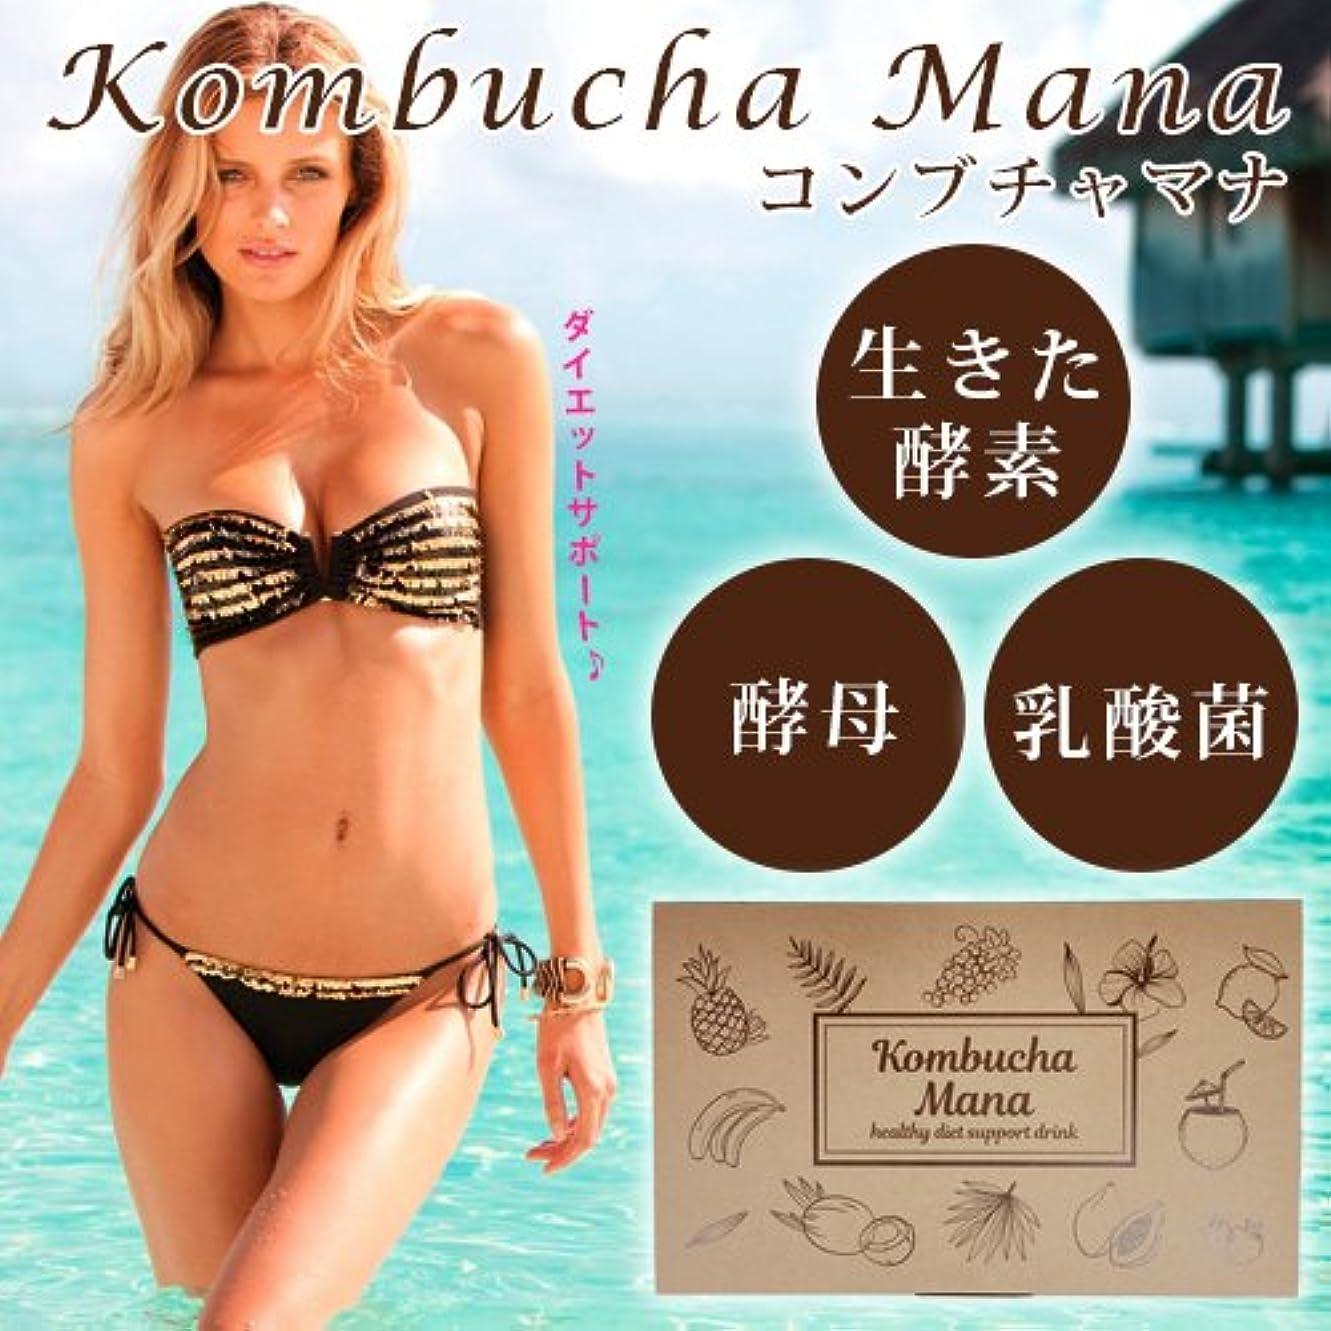 セラーなしで無知コンブチャマナ(Kombucha Mana)ダイエットクレンジングドリンク (2箱)